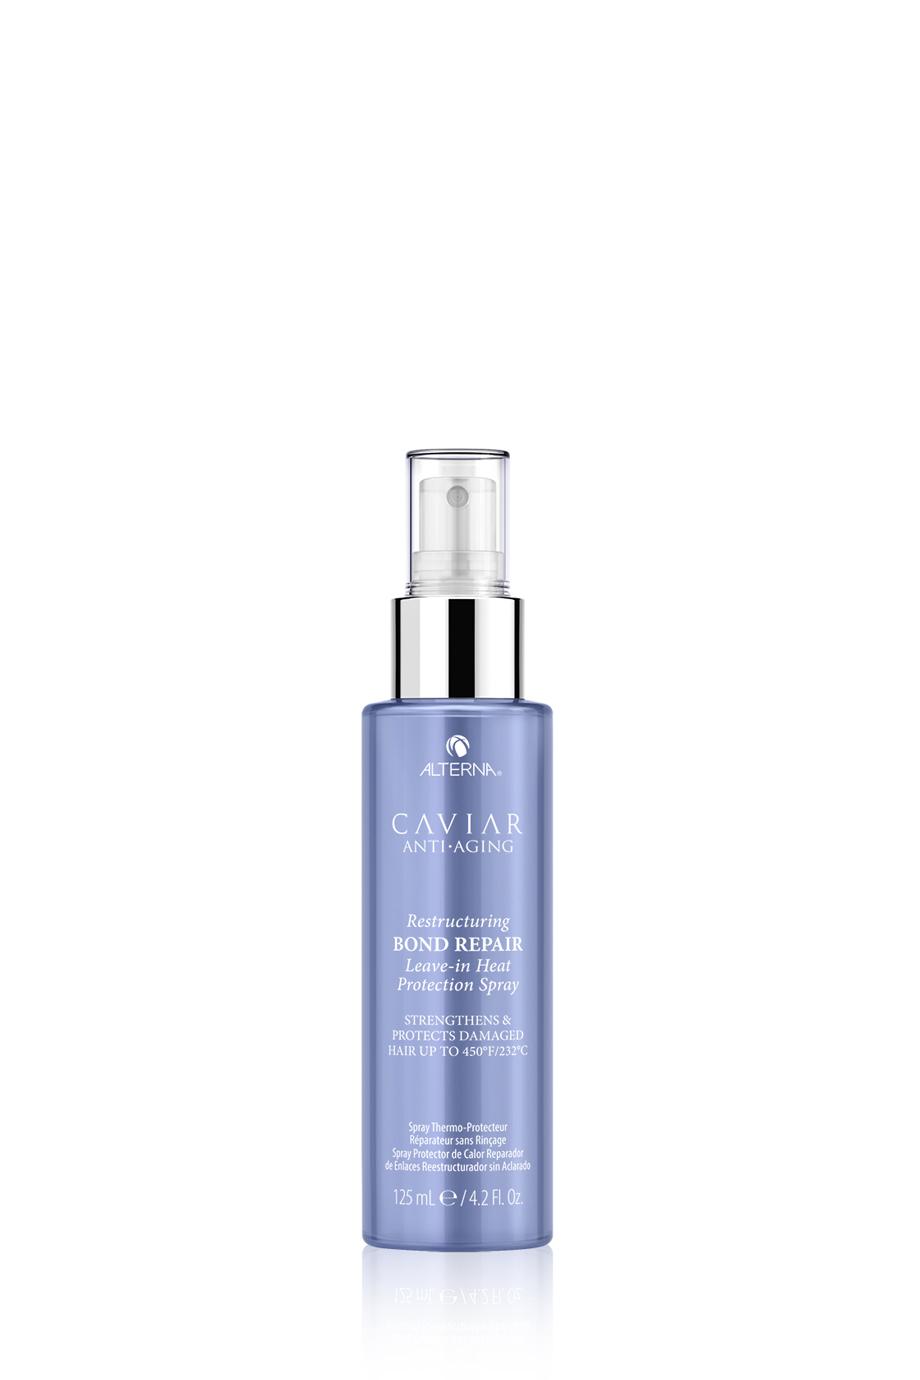 CAVIAR Anti-Aging Restructuring Bond Repair Leave-in Heat Protection Spray Несмываемый термозащитный спрей-регенерация для восстановления поврежденных волос, 125мл